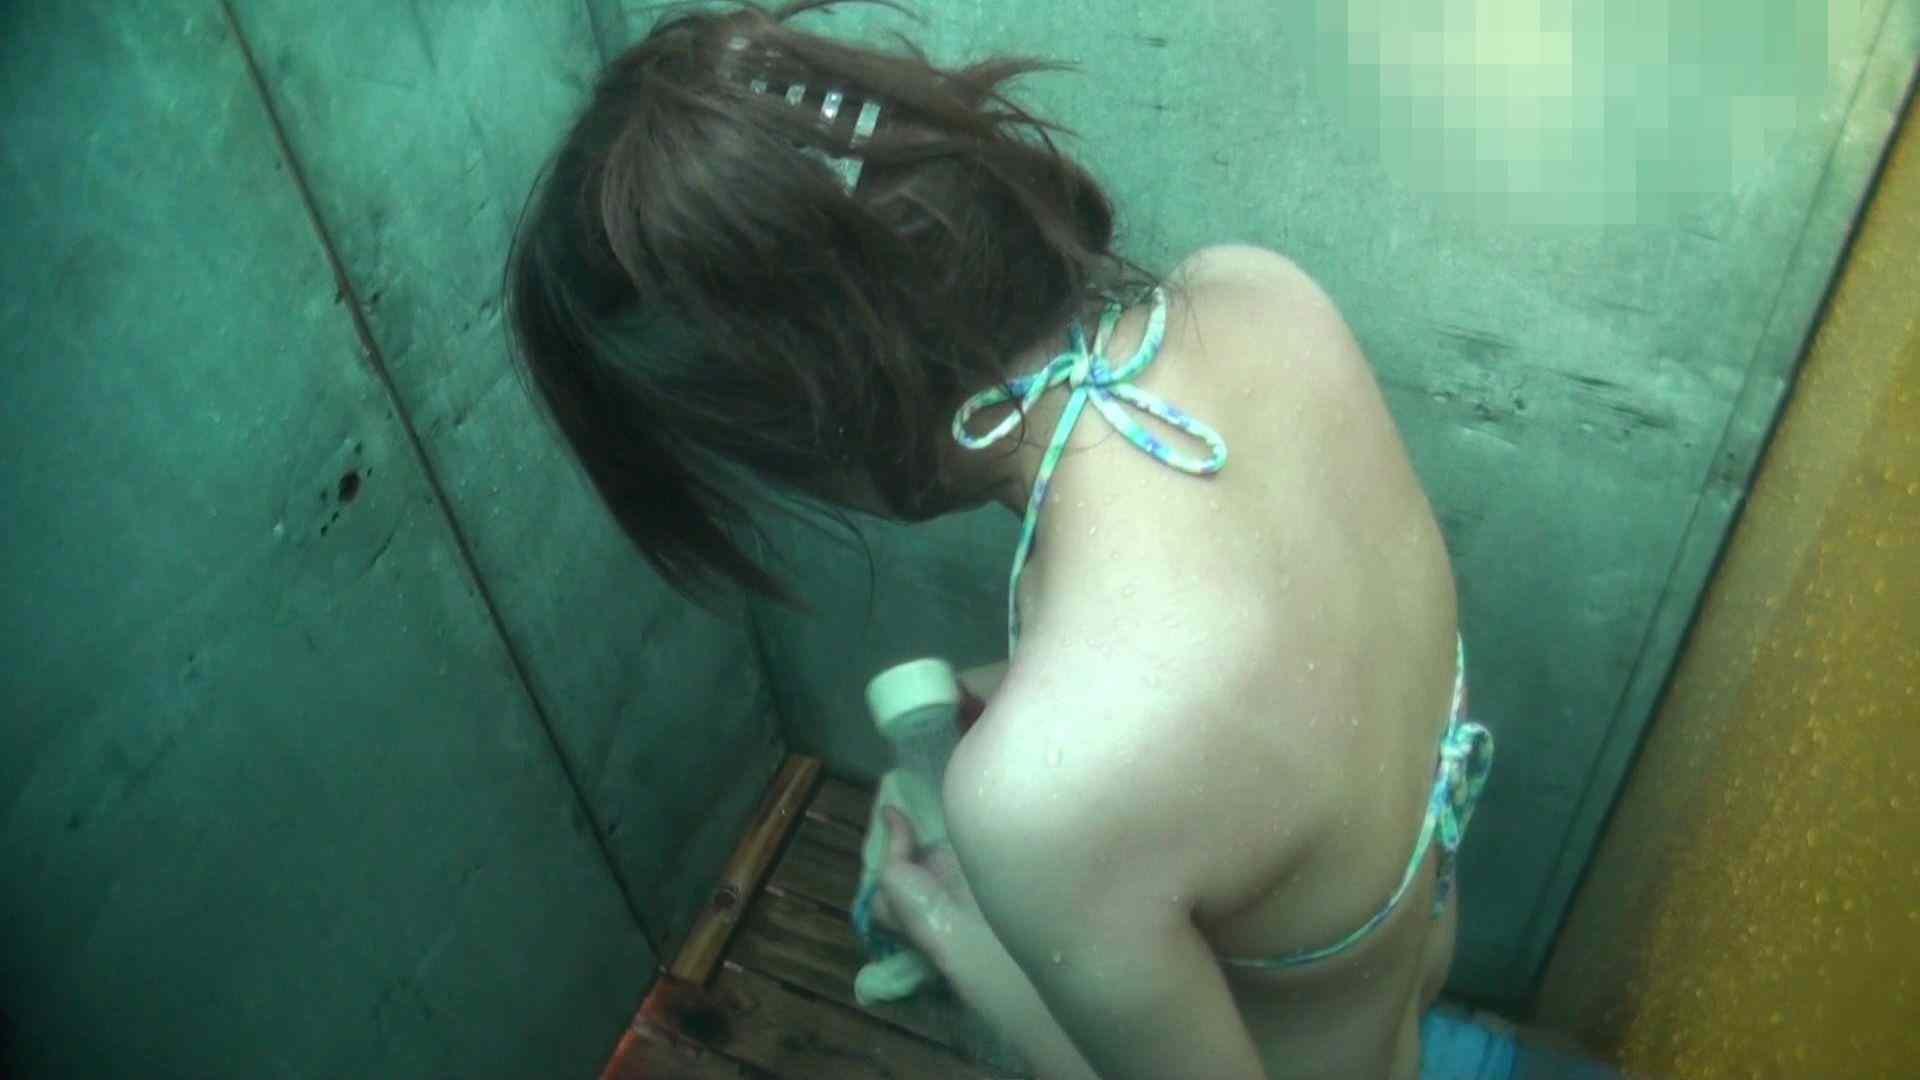 シャワールームは超!!危険な香りVol.15 残念ですが乳首未確認 マンコの砂は入念に 高画質 盗撮ワレメ無修正動画無料 41pic 14